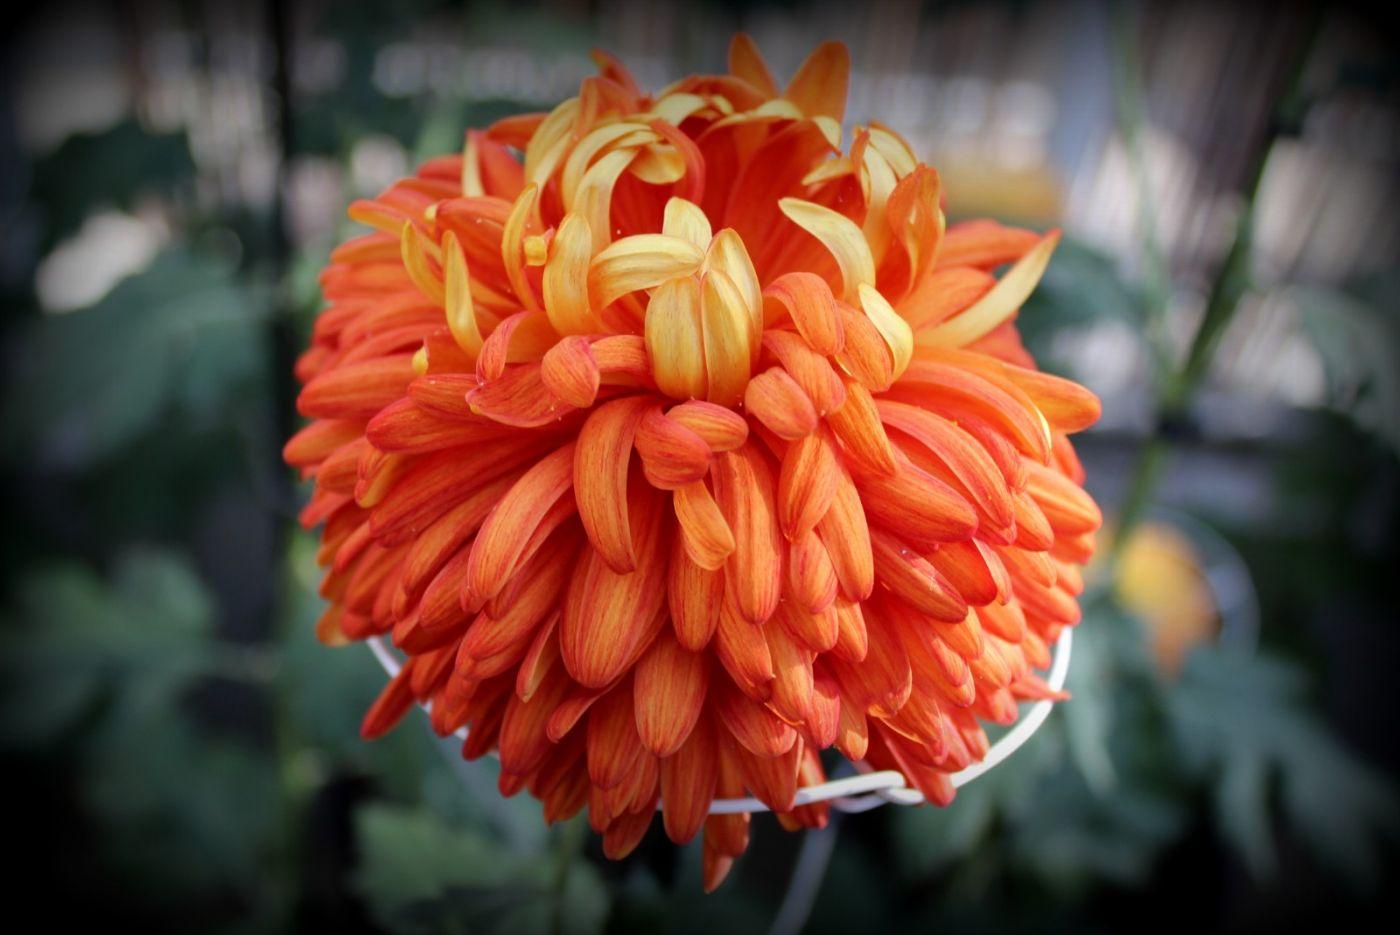 植物园日本菊花展_图1-11